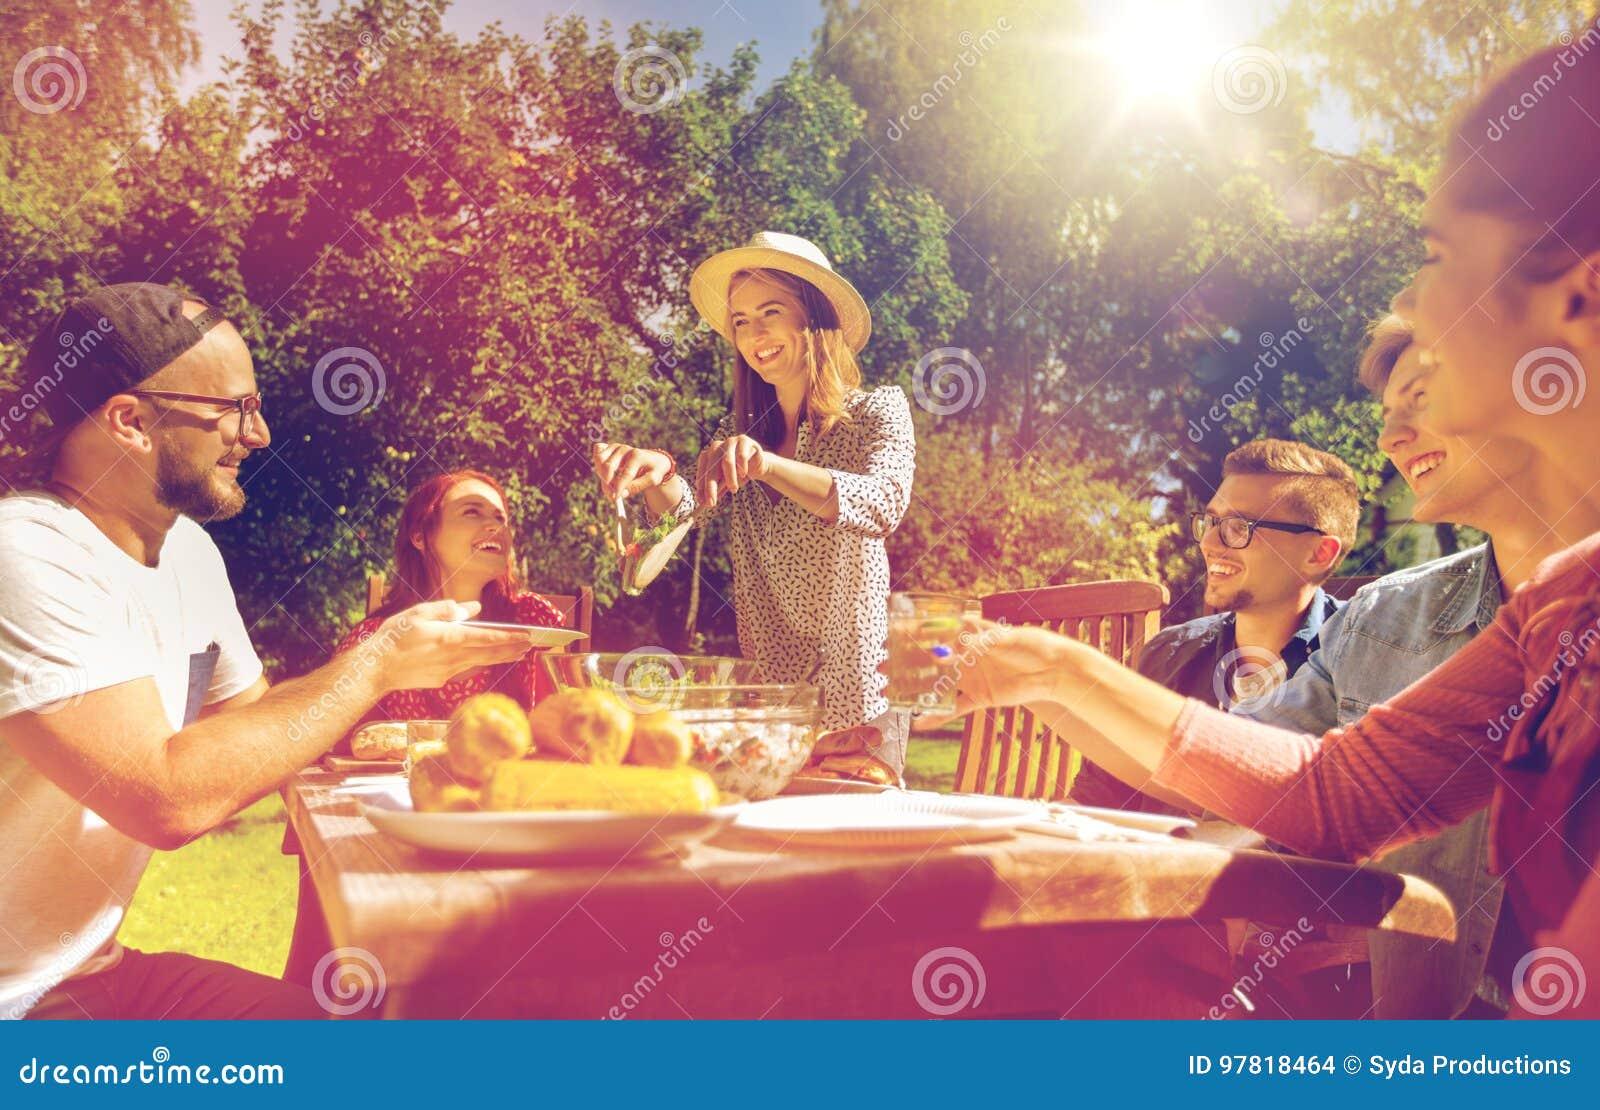 Ευτυχείς φίλοι που έχουν το γεύμα στο κόμμα θερινών κήπων